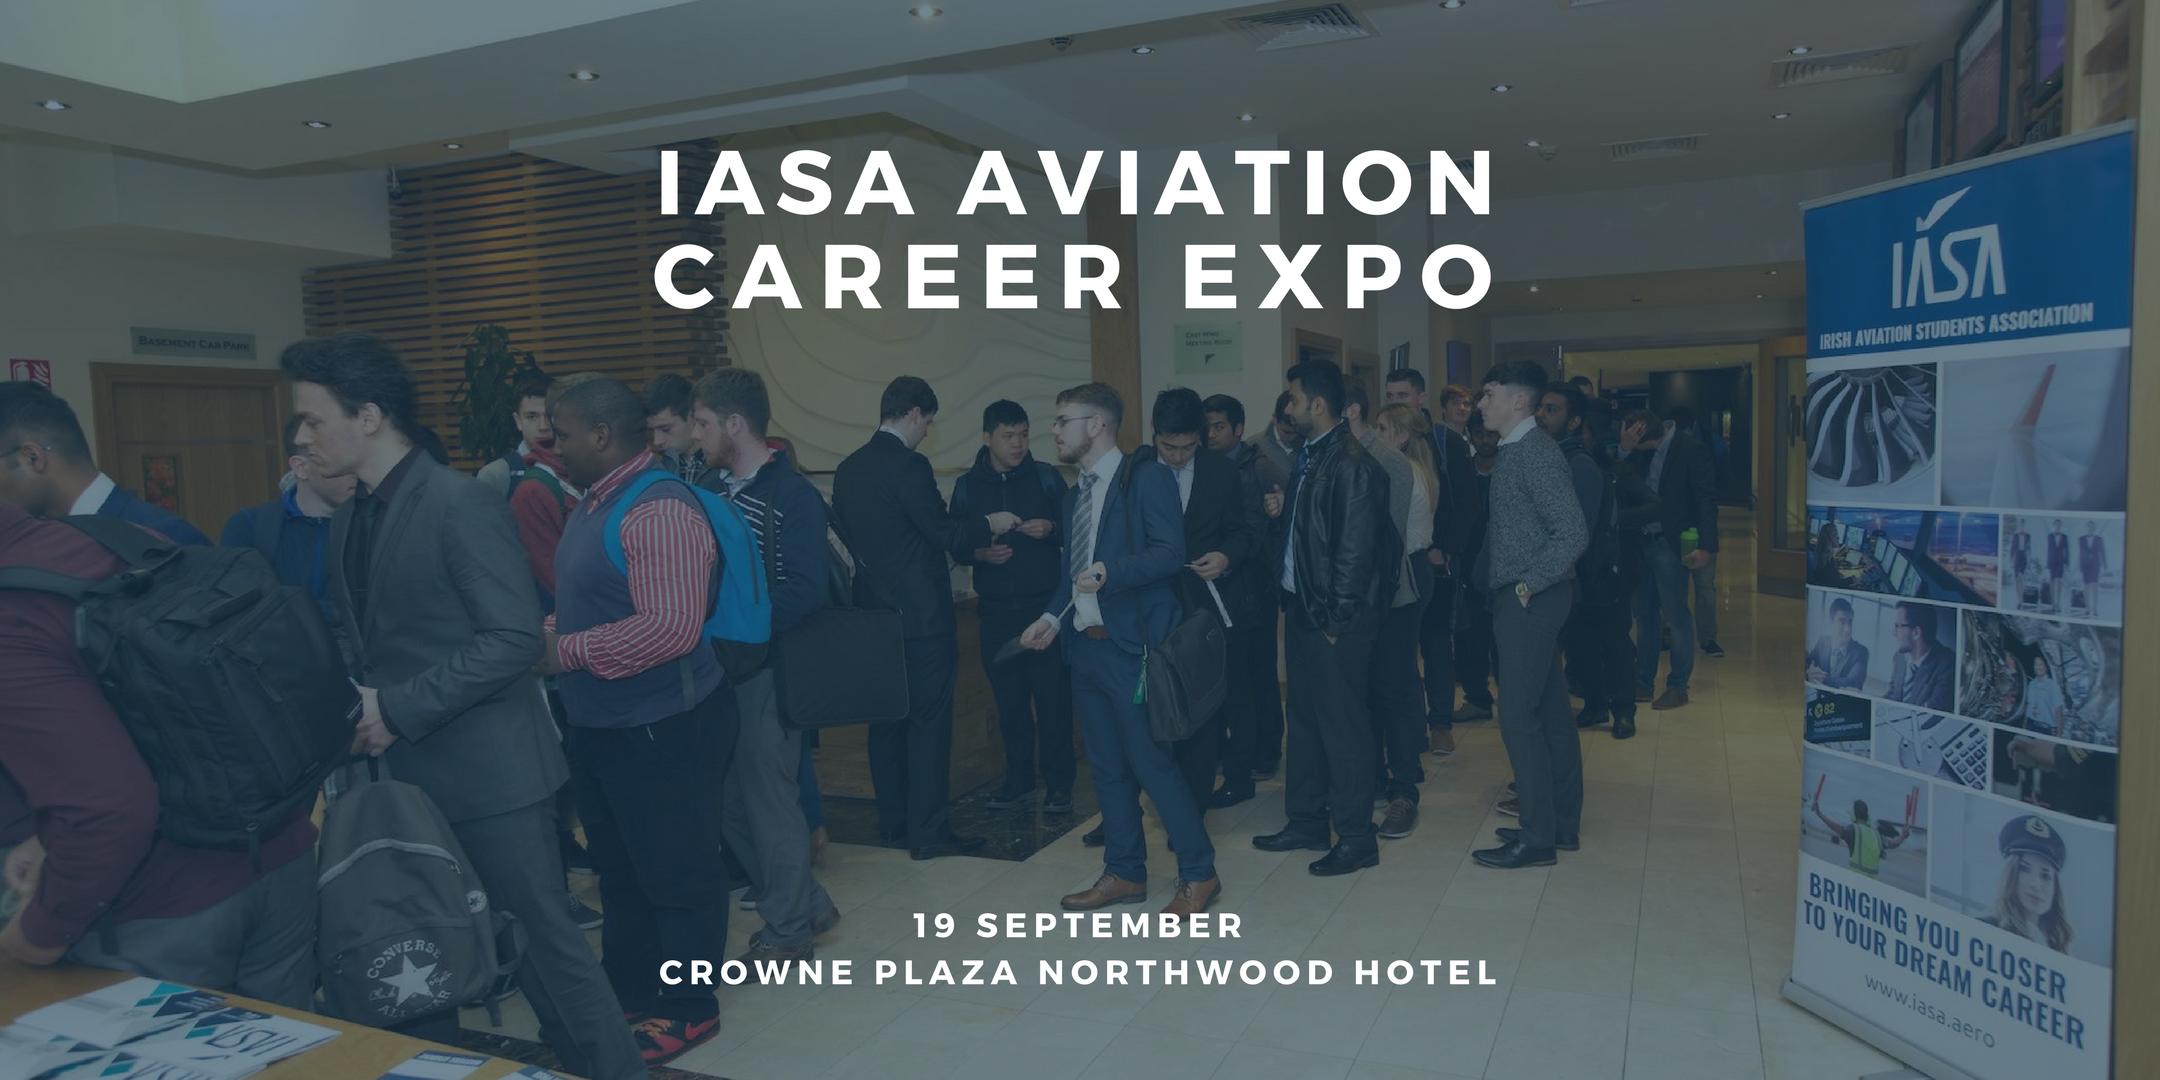 IASA Aviation Career Expo